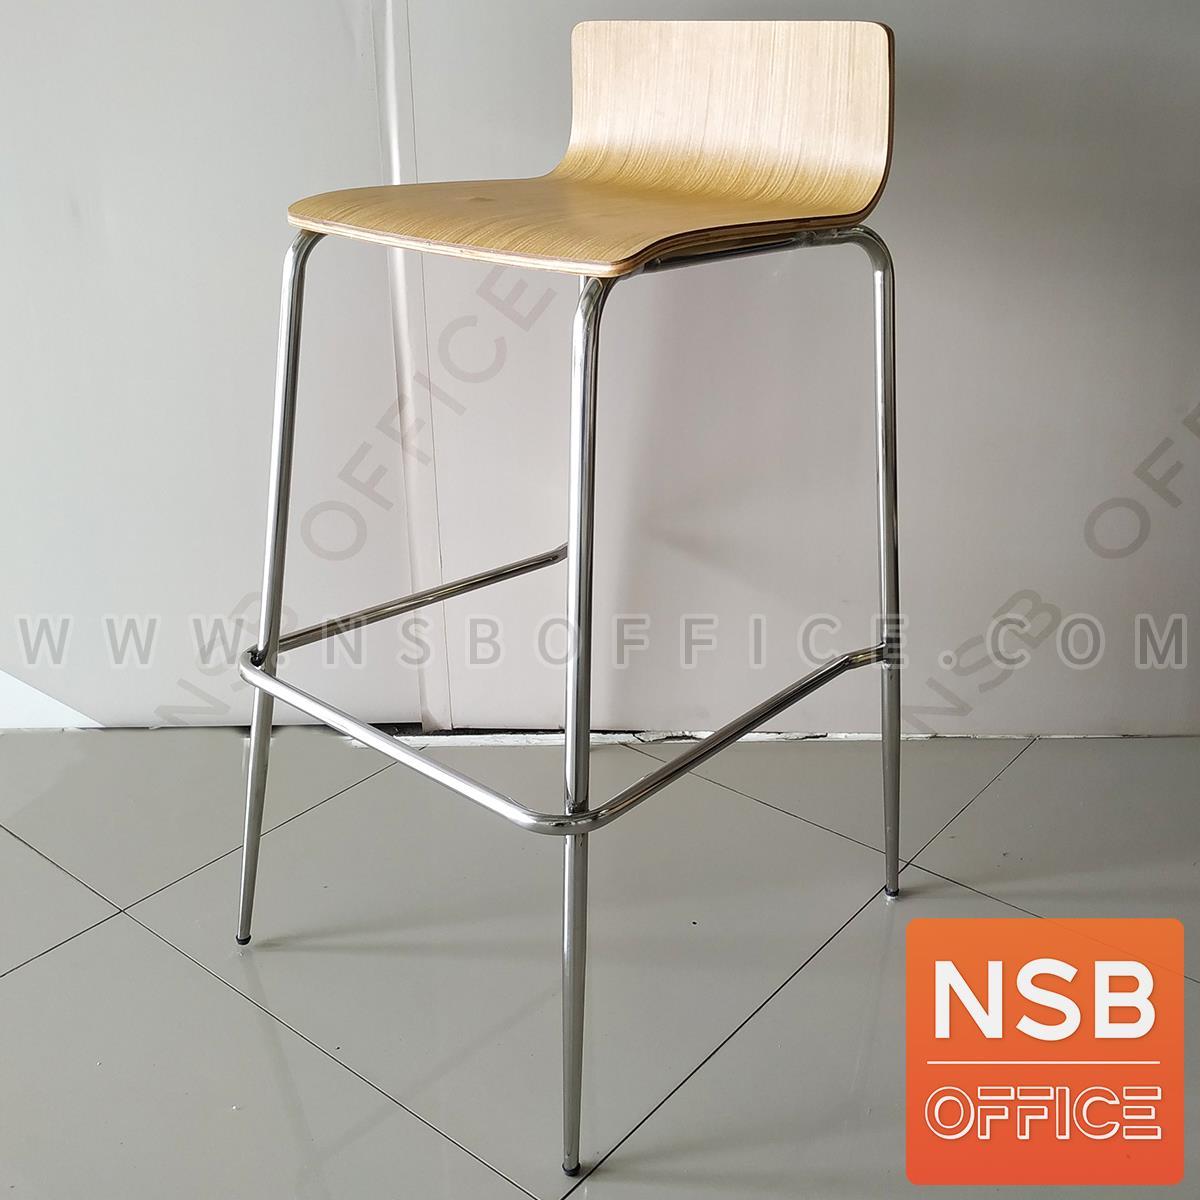 B18A094:เก้าอี้บาร์ไม้วีเนียร์ รุ่น Emperer (เอ็มเพอร์เรอร์)  โครงขาสเตนเลส